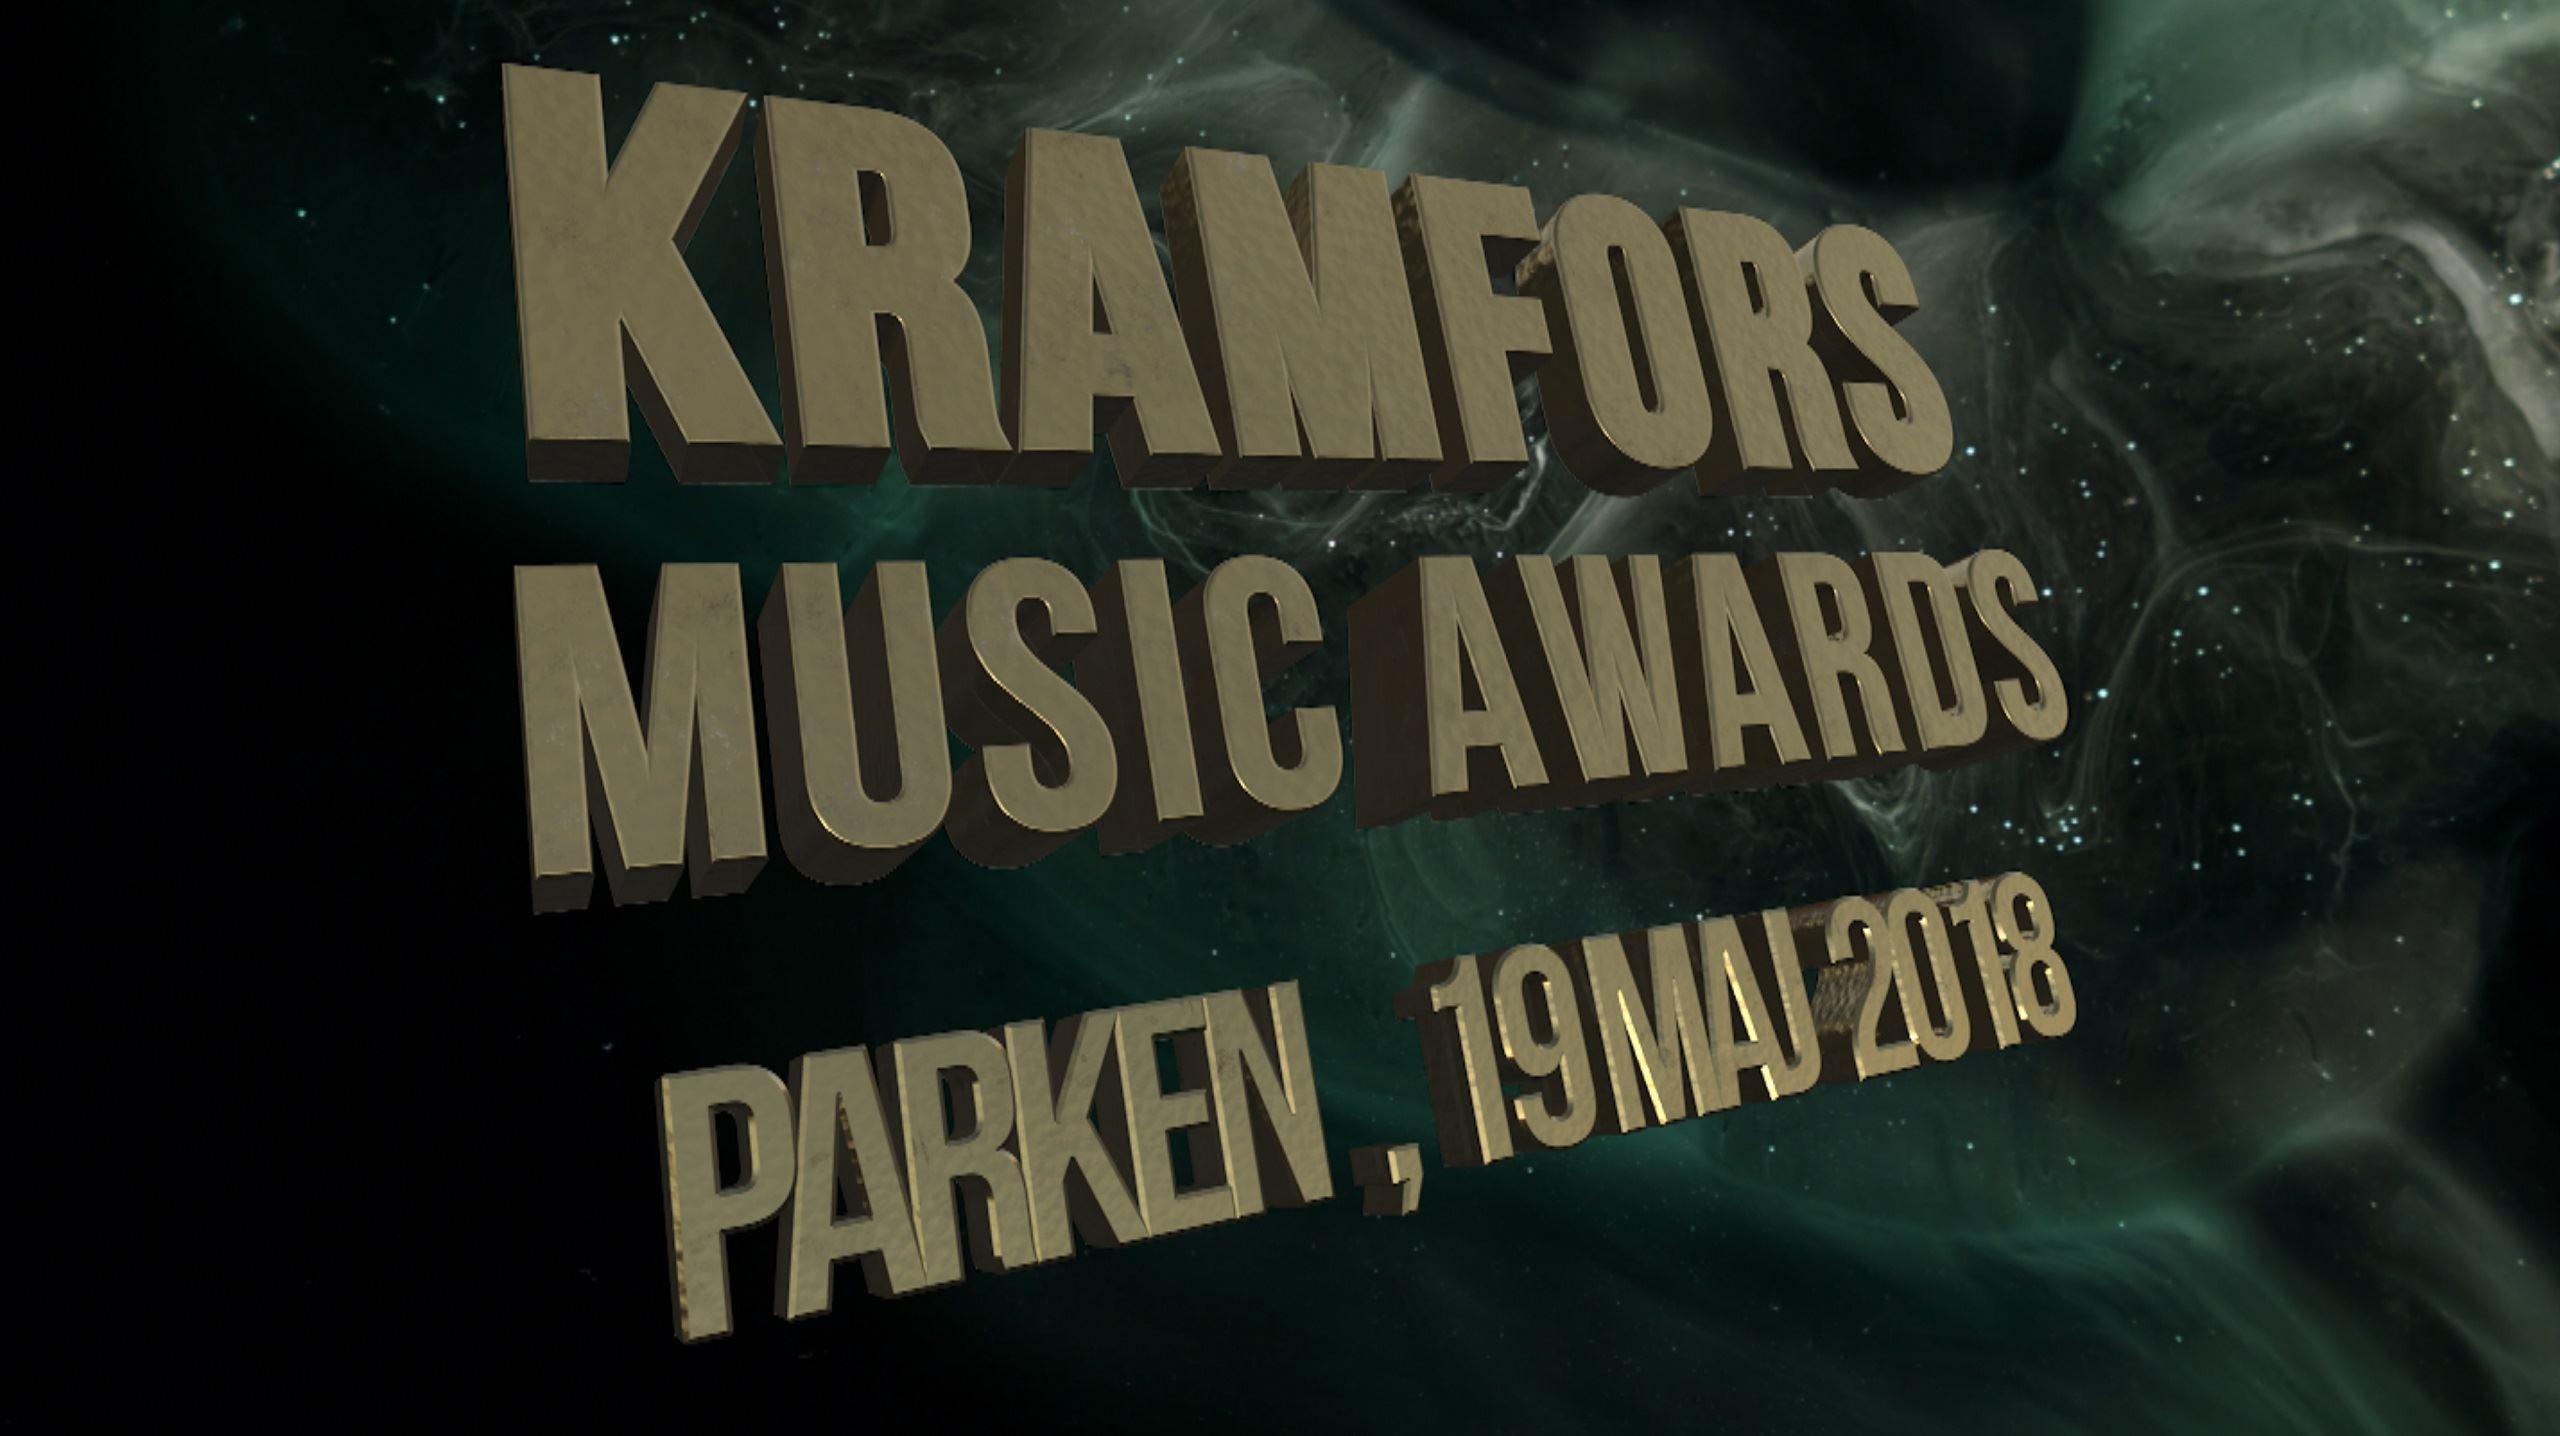 Kramfors Music Awards